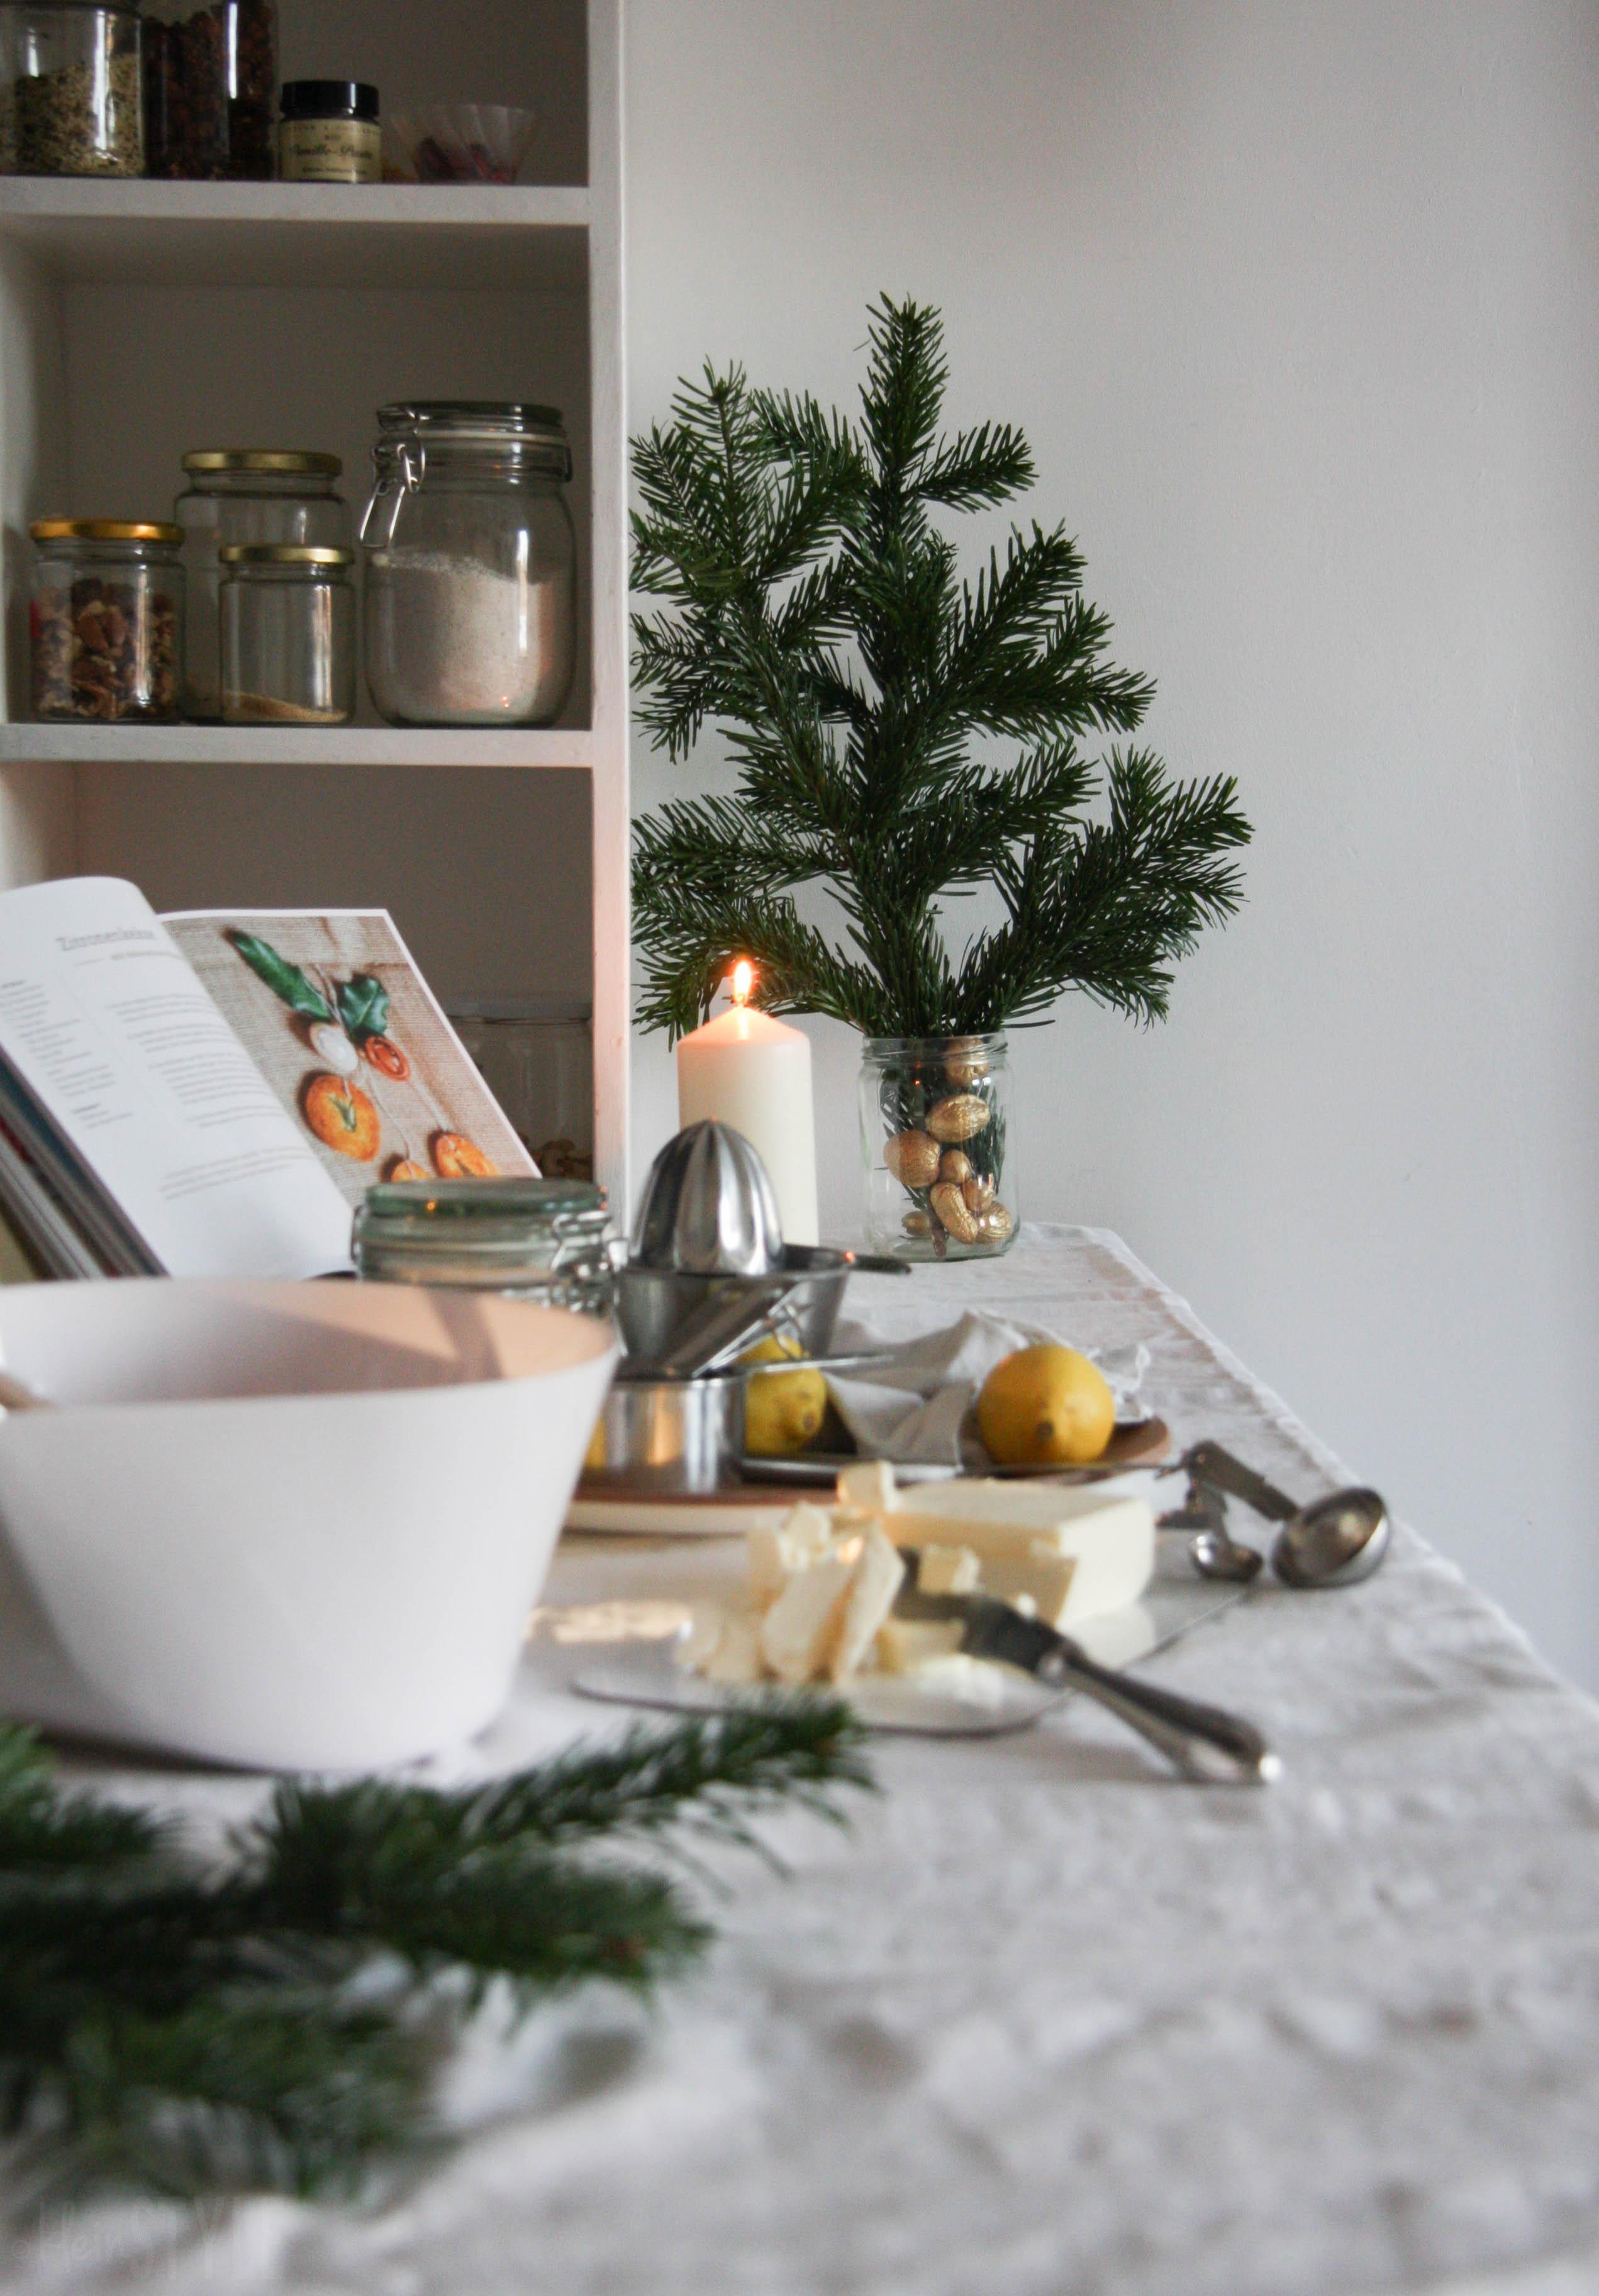 Zitronige Weihnachtszeit : ein Keks-Rezept {rein pflanzlich}